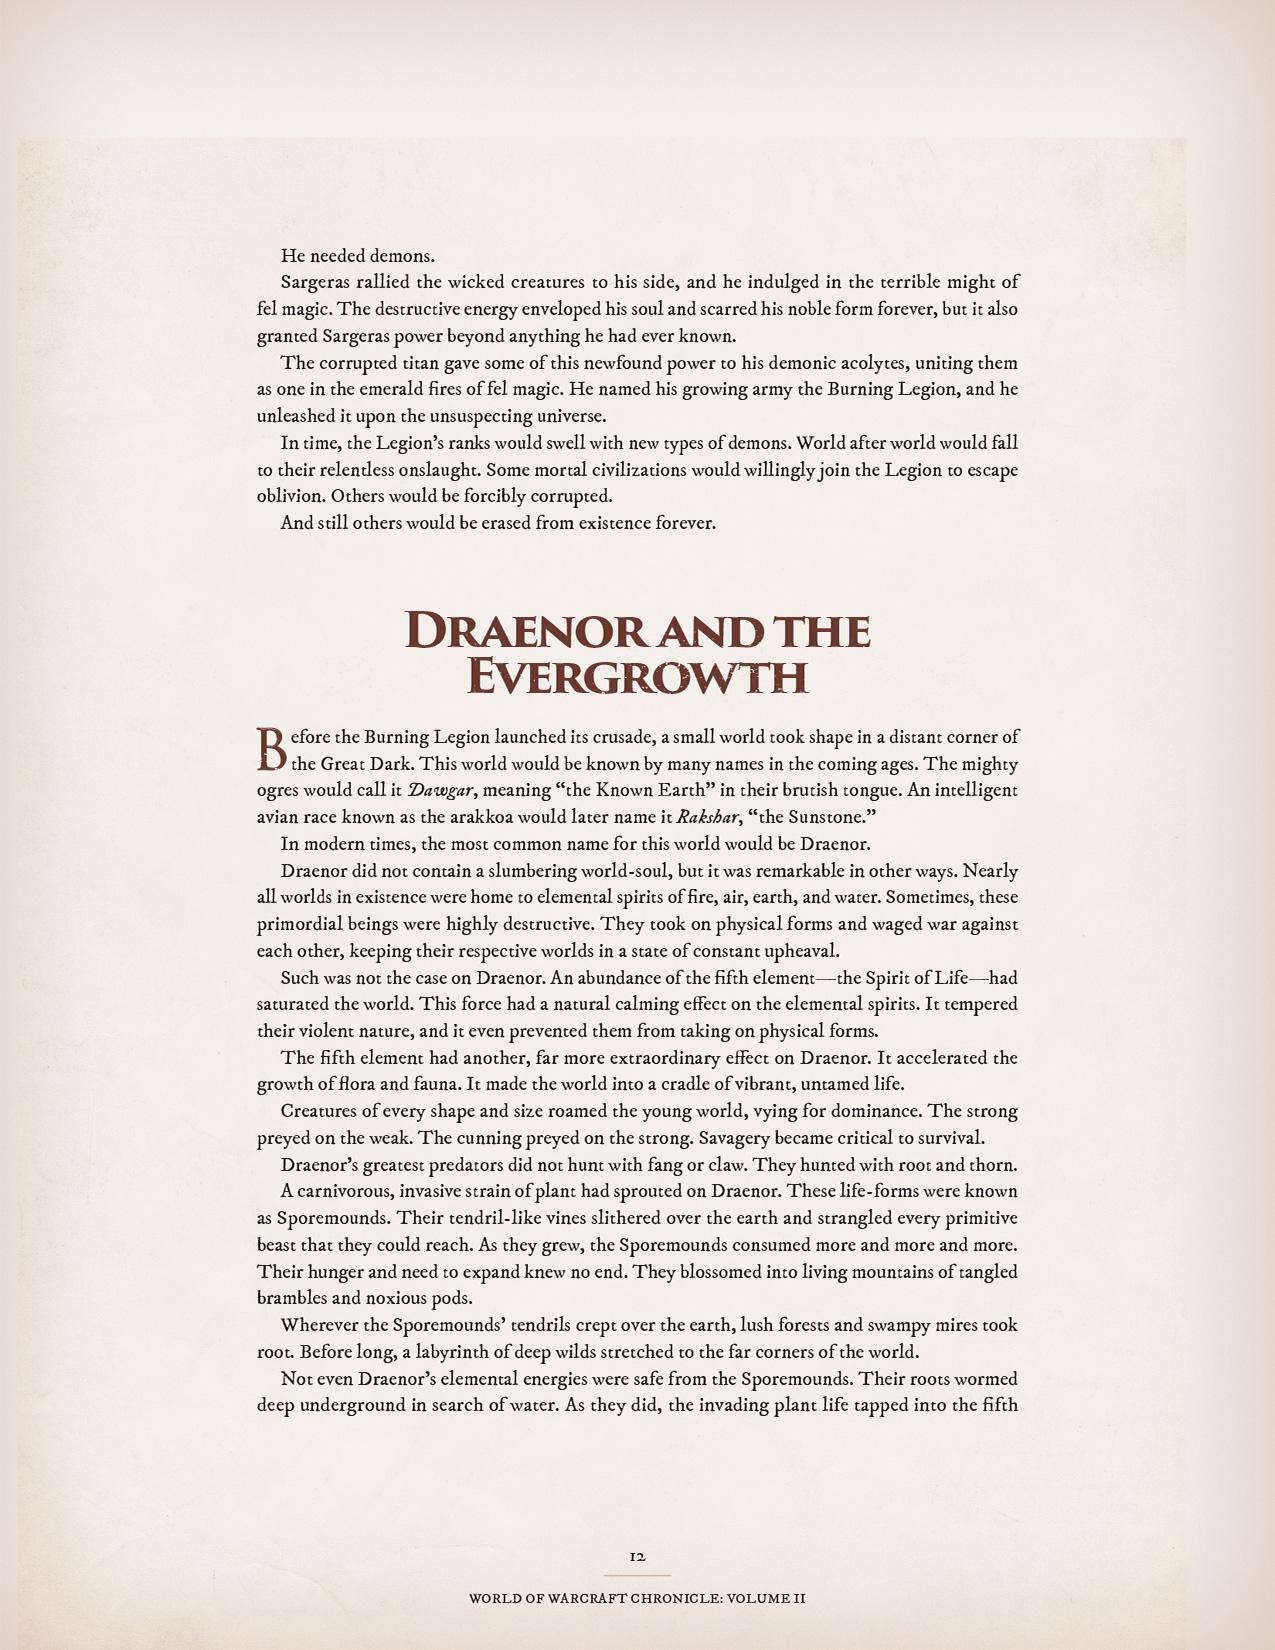 下个月!《魔兽世界编年史:第二卷》推出